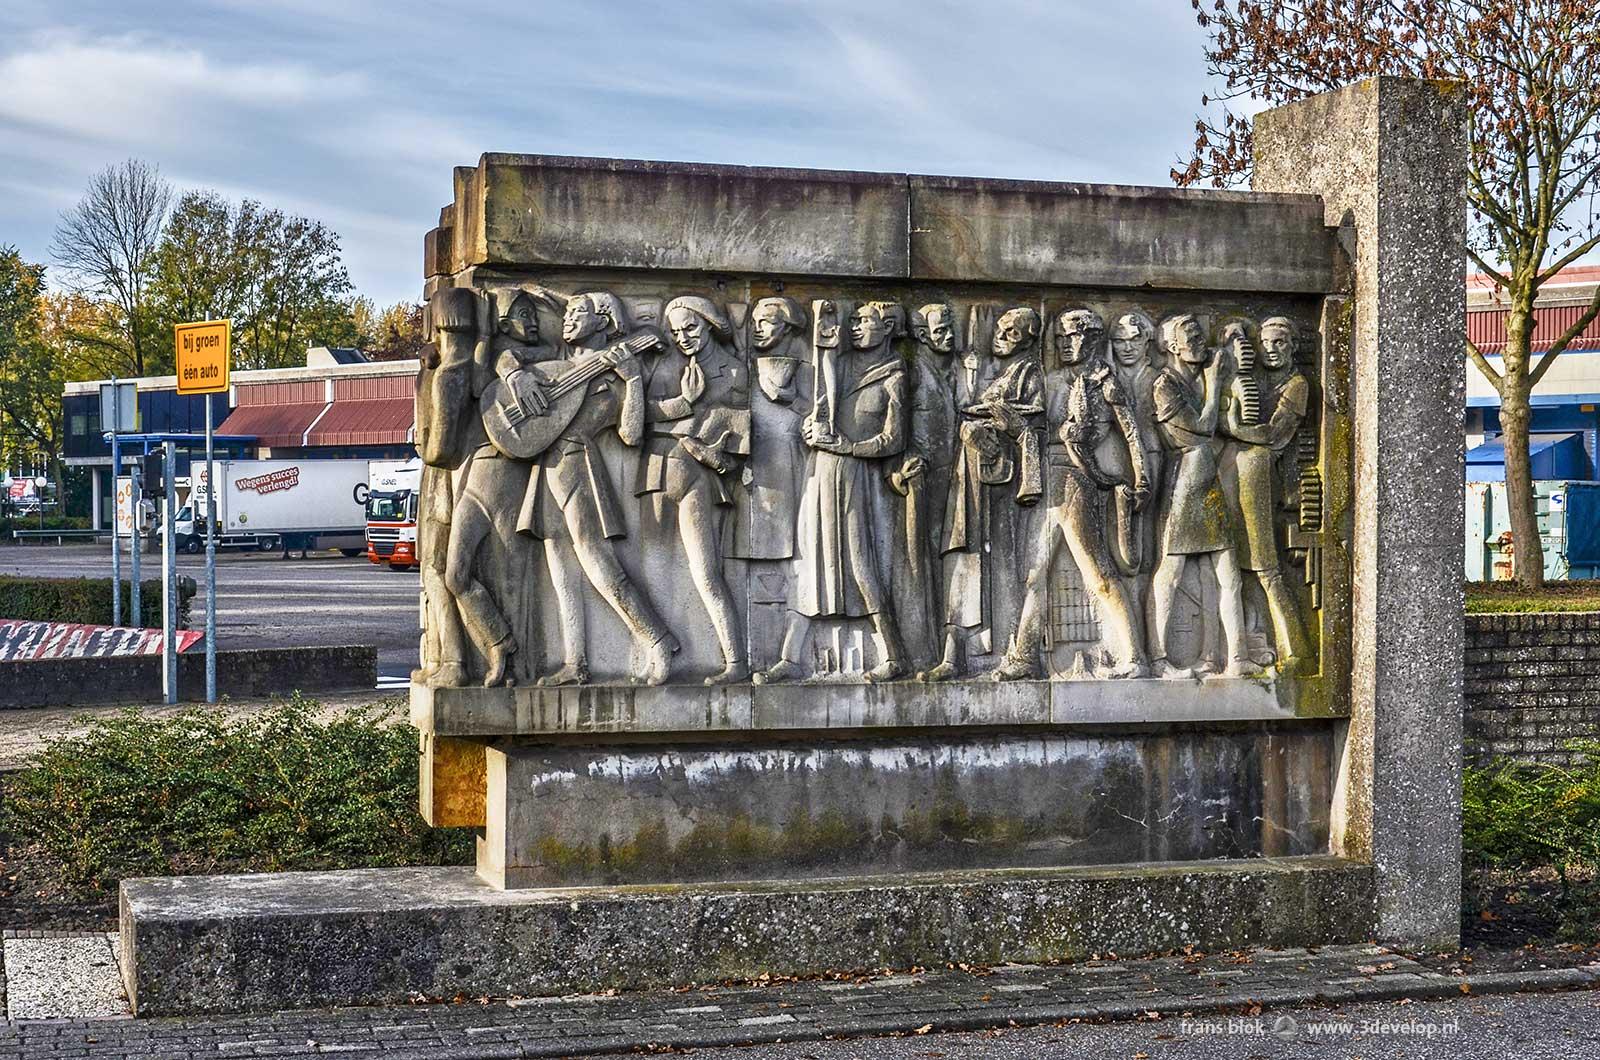 De gevelsteen van de oude Bijenkorf van Rotterdam, huidige locatie